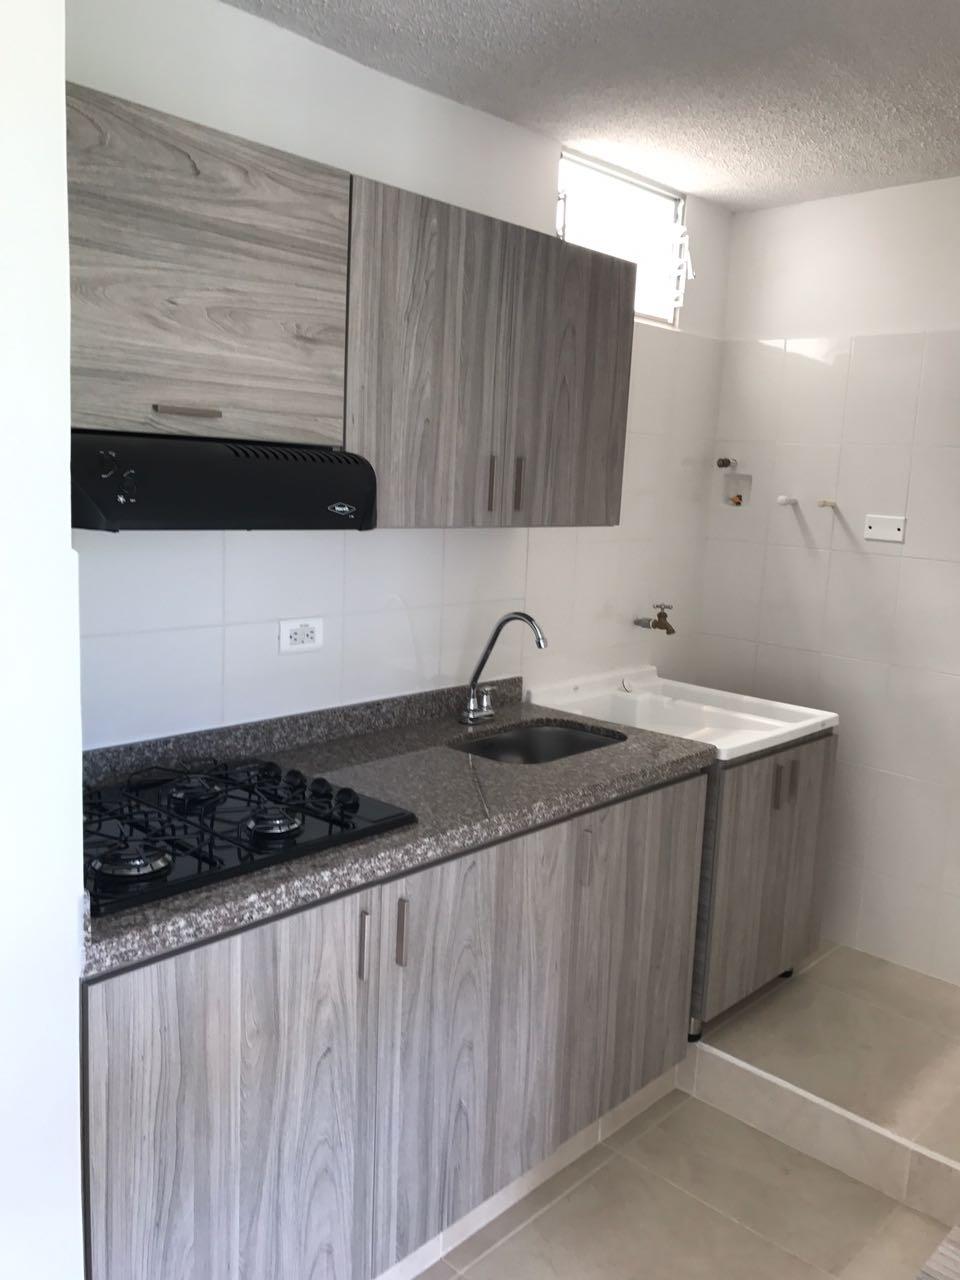 AVOC-0068 Se vende apartamento en Dosquebradas, sobre vía principal.